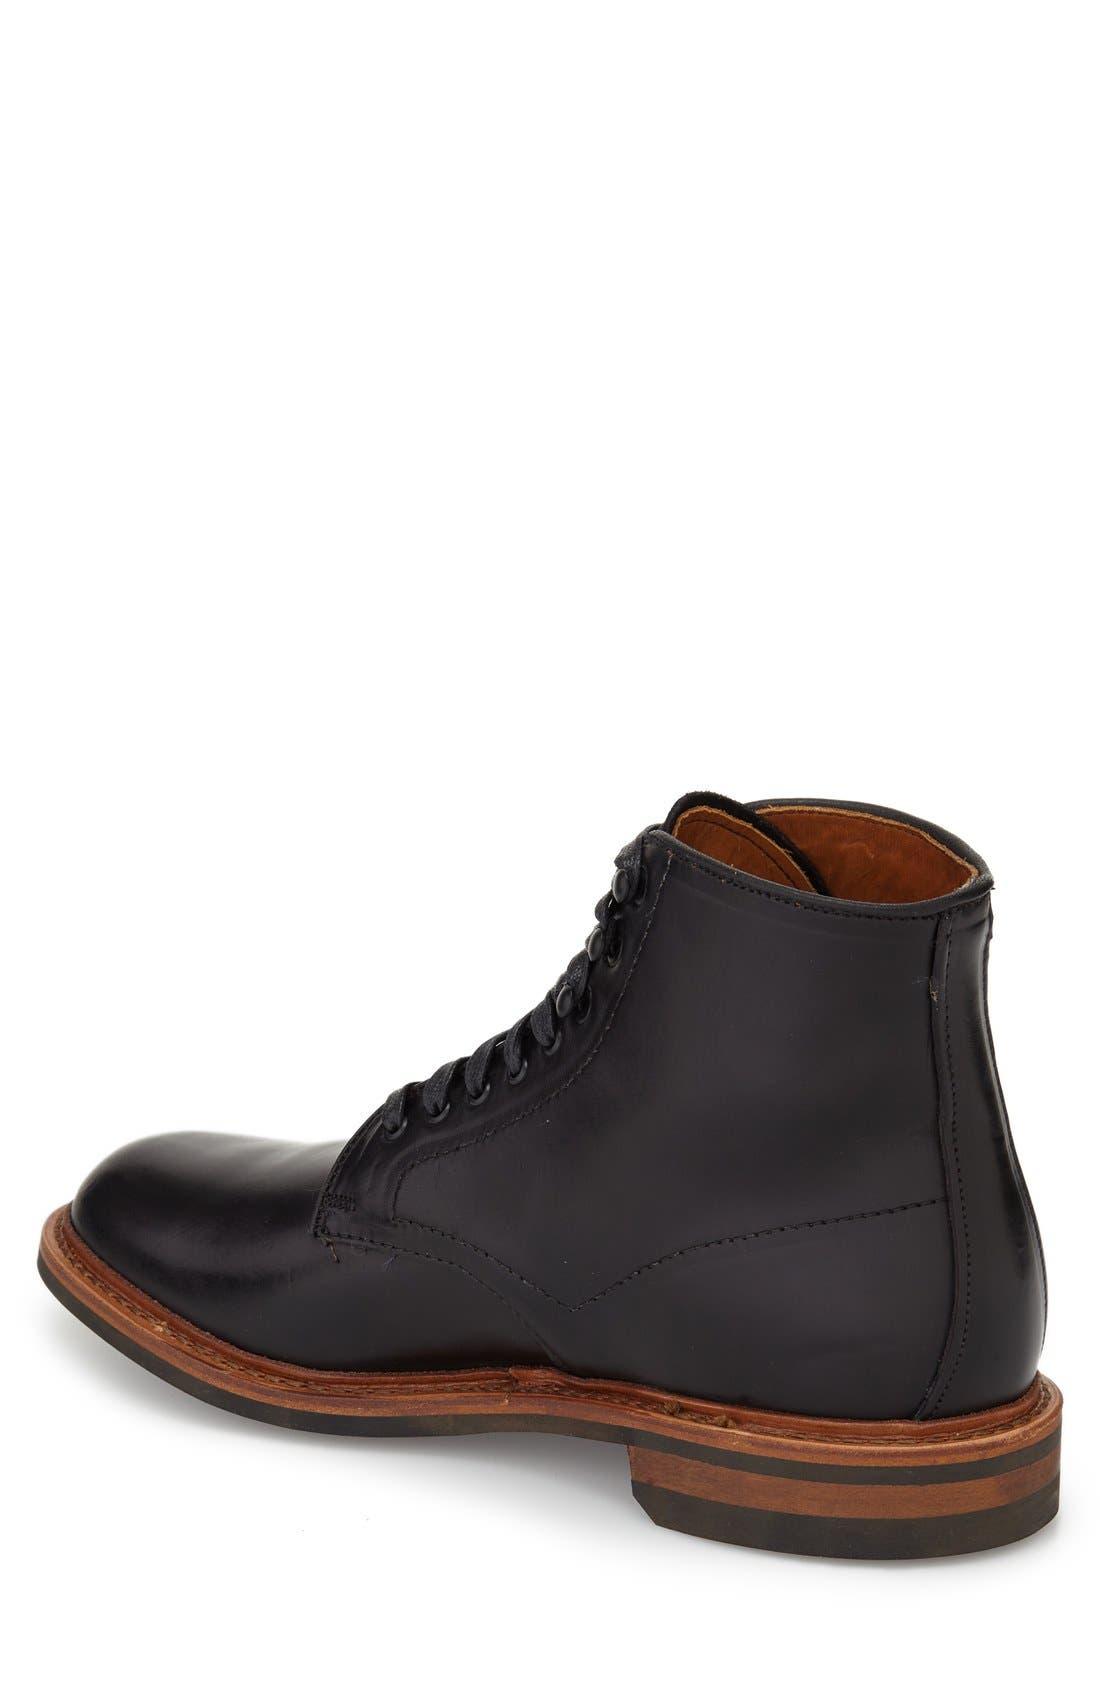 'Higgins Mill' Plain Toe Boot,                             Alternate thumbnail 2, color,                             001